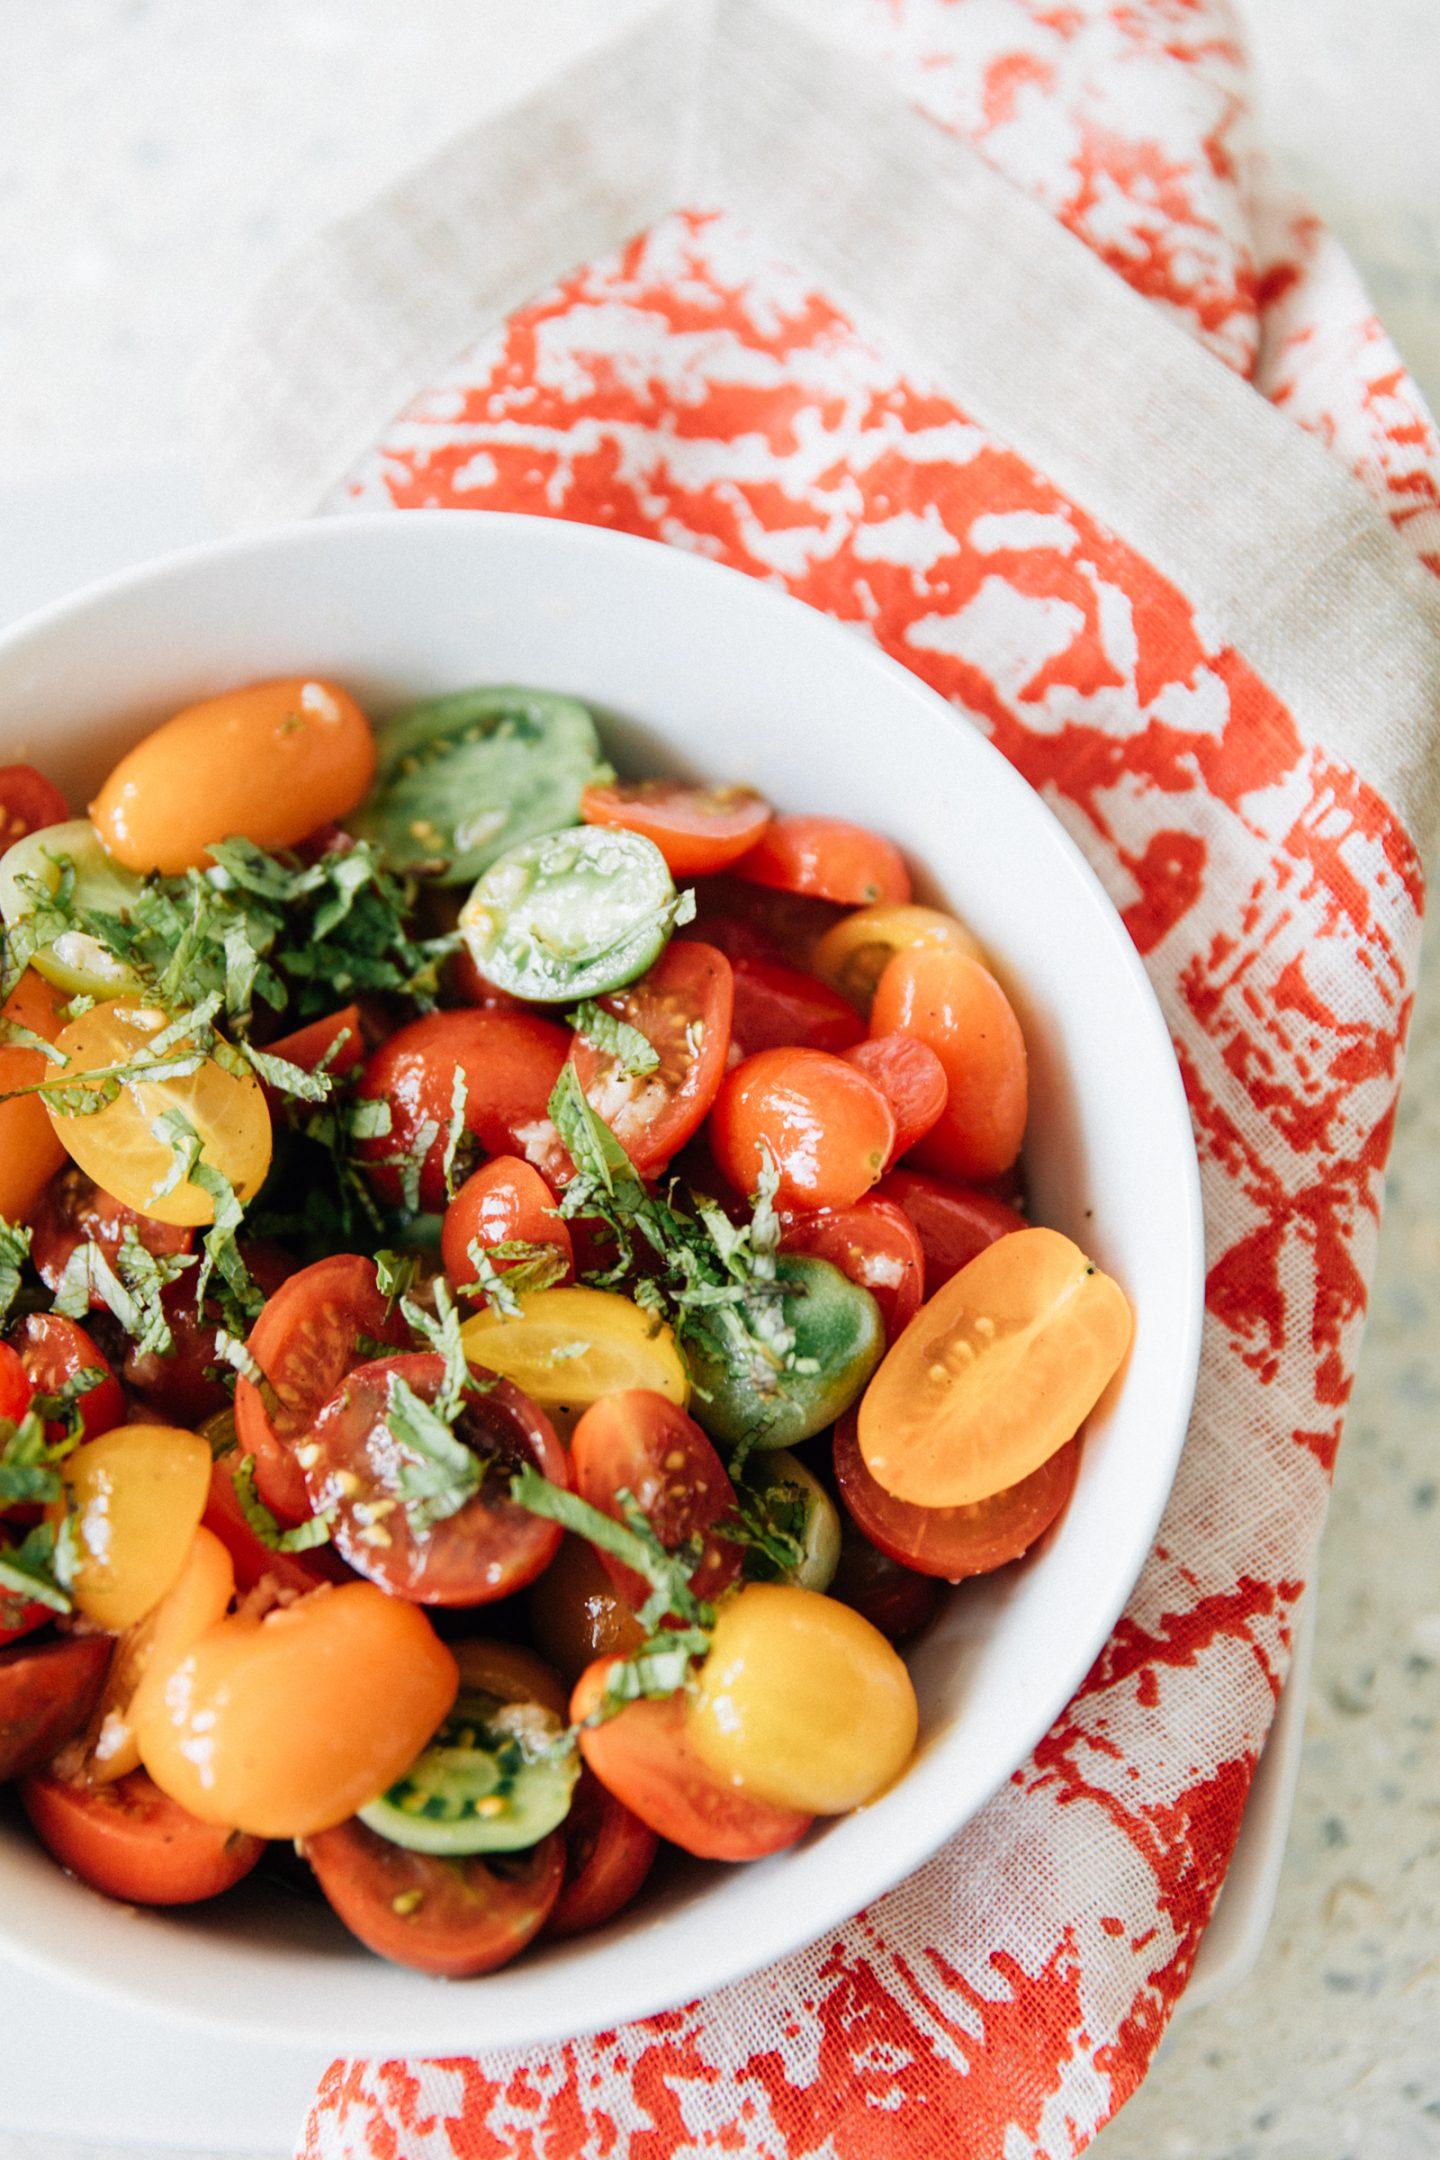 flavorful salad dressings